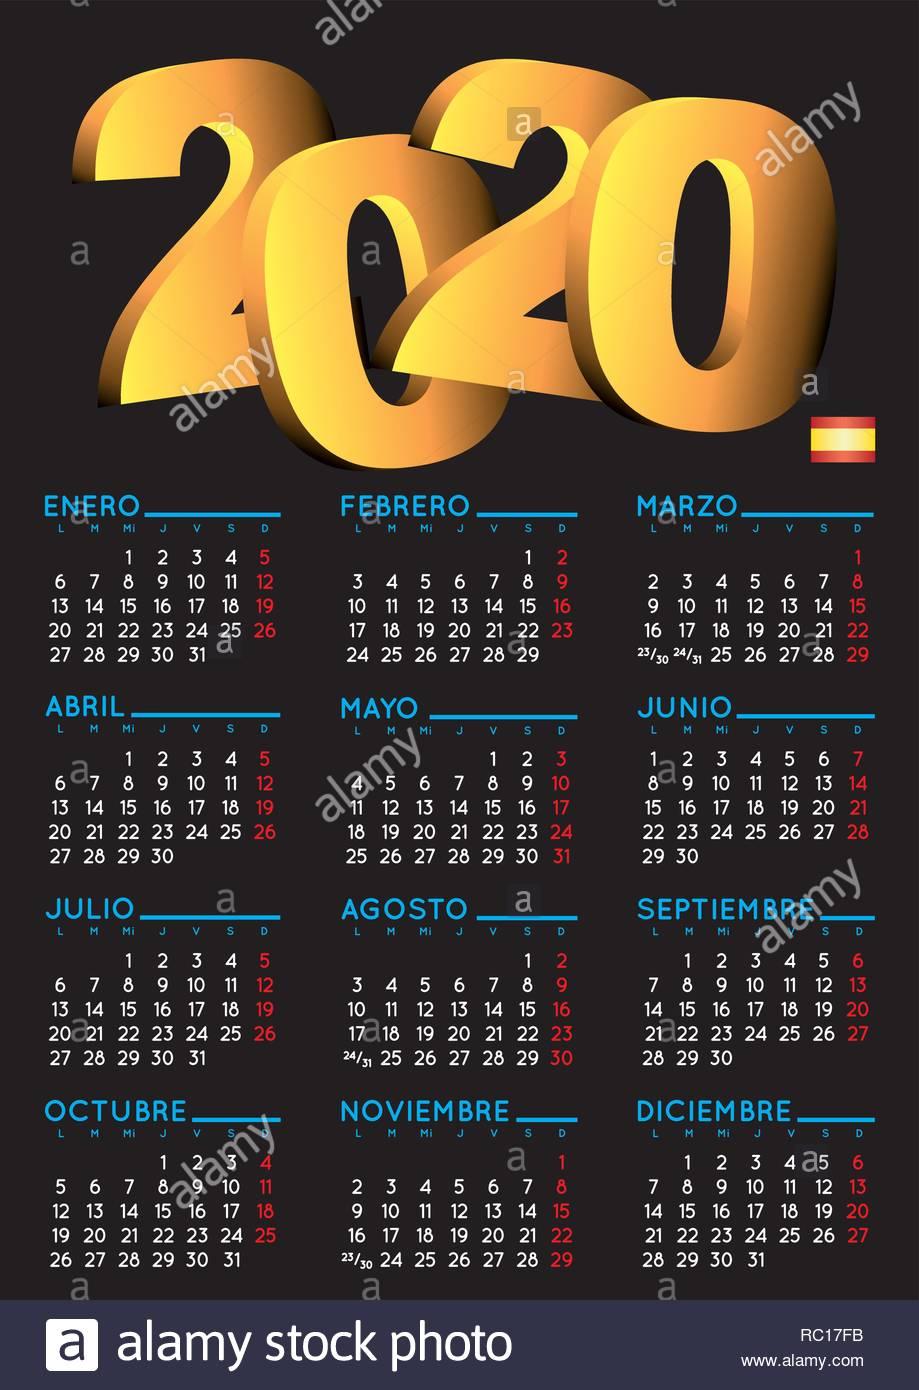 Vector De Calendario 2020.Spanish Calendar 2020 Year 2020 Calendar Calendar 2020